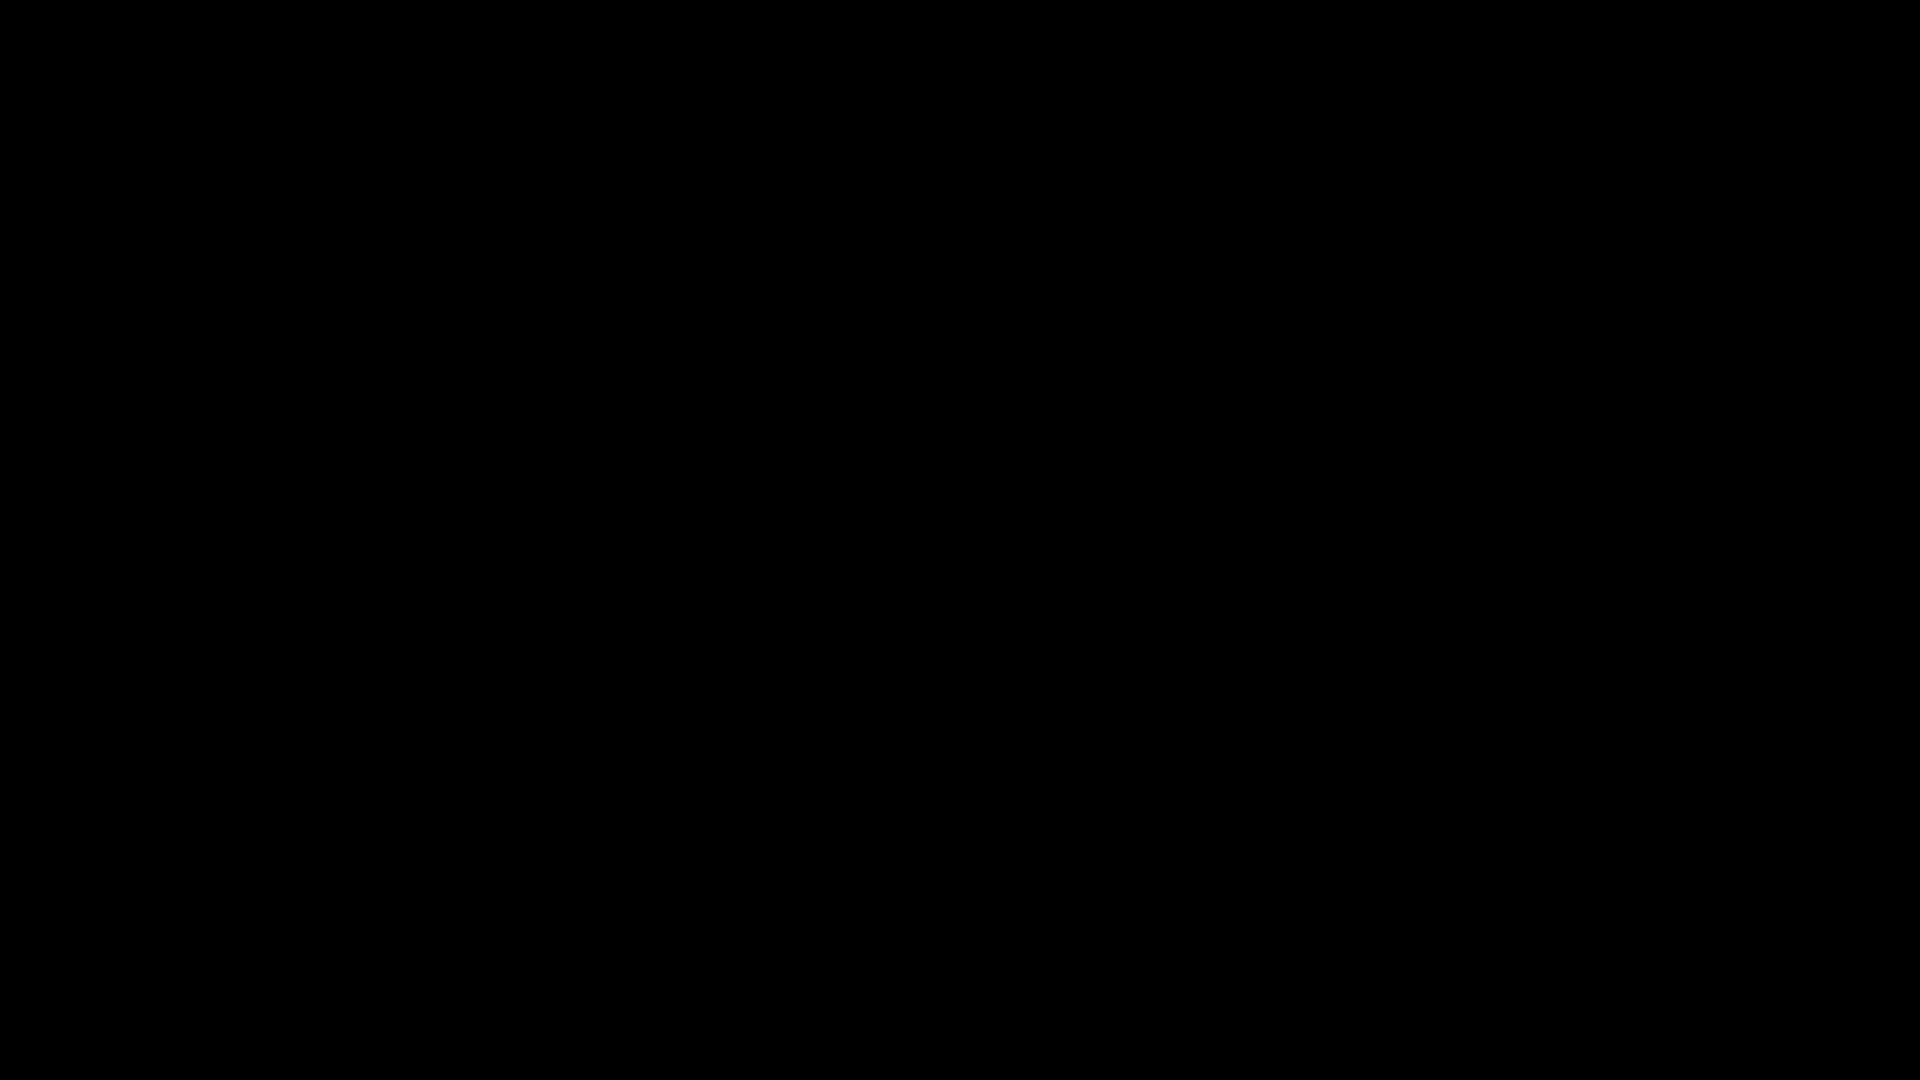 Docler Media, LLC